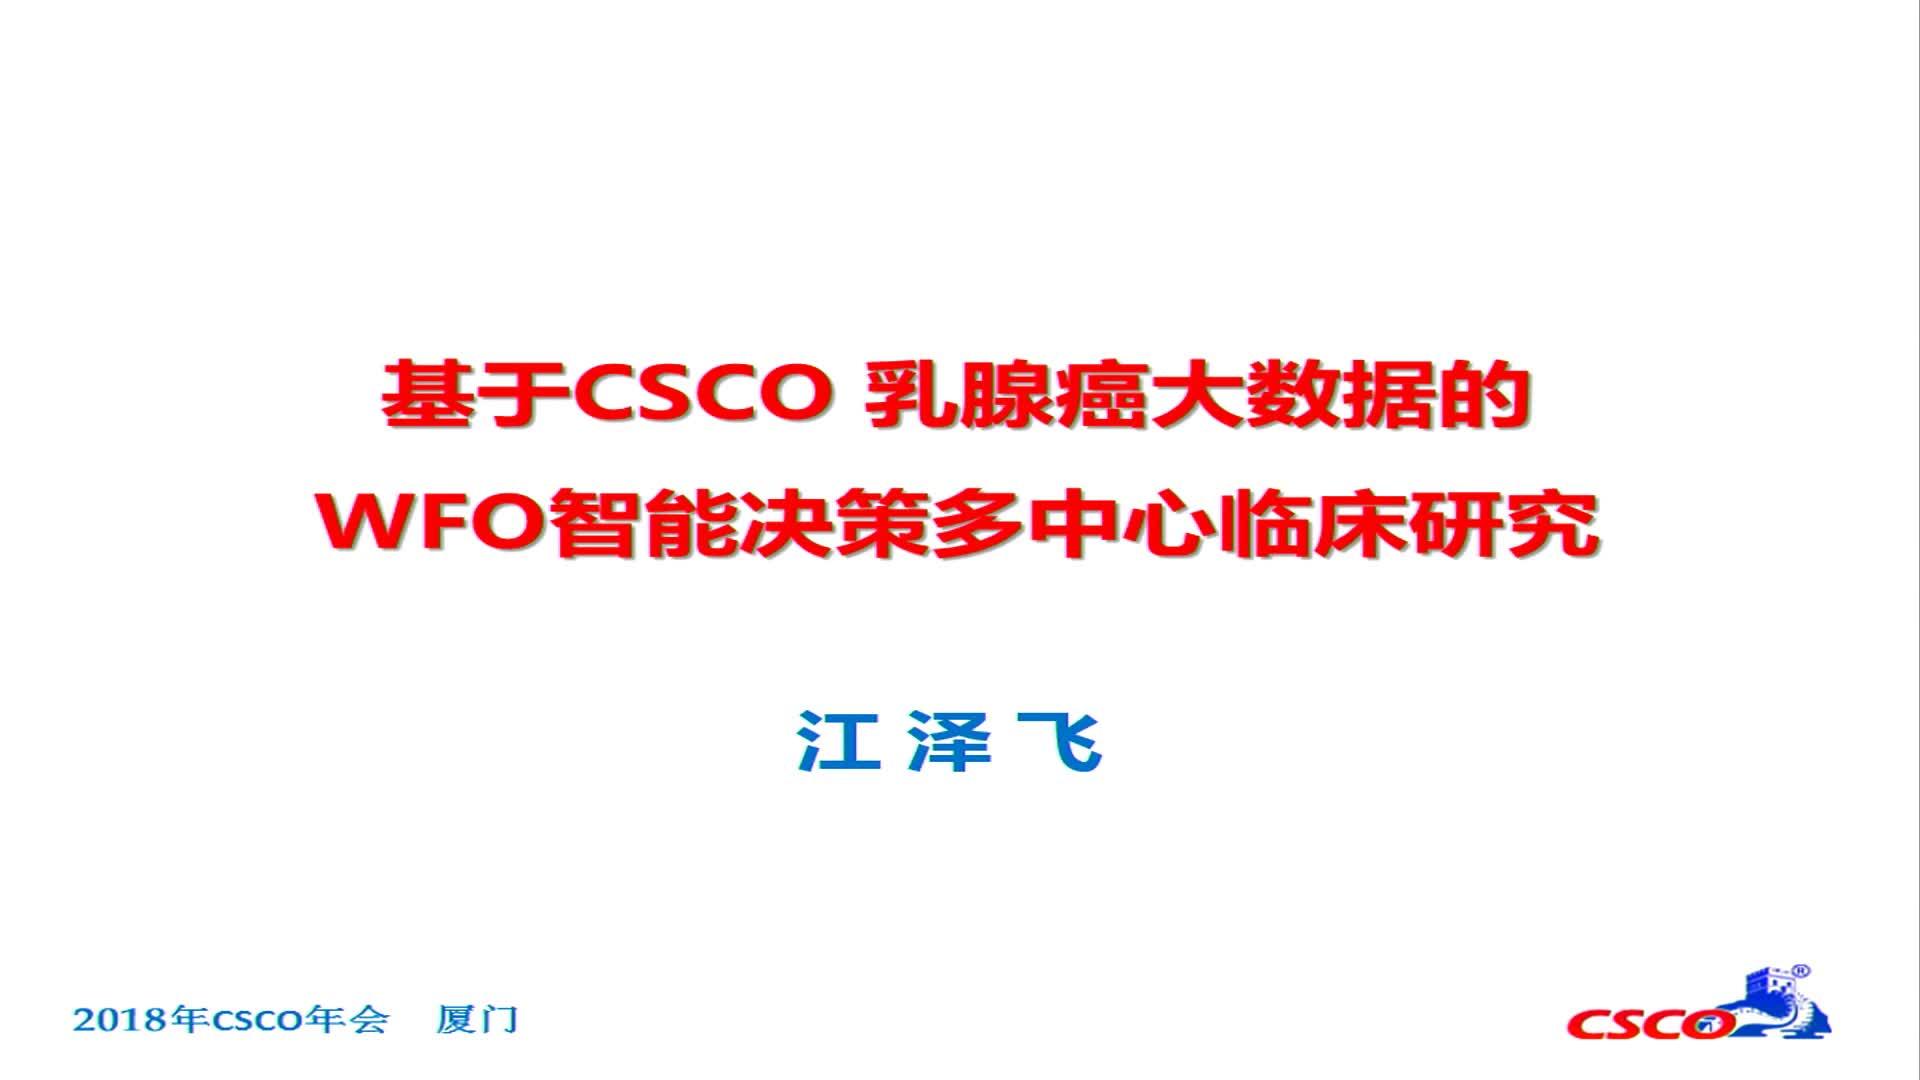 基于CSCO 乳腺癌大数据的WFO智能决策多中心临床研究